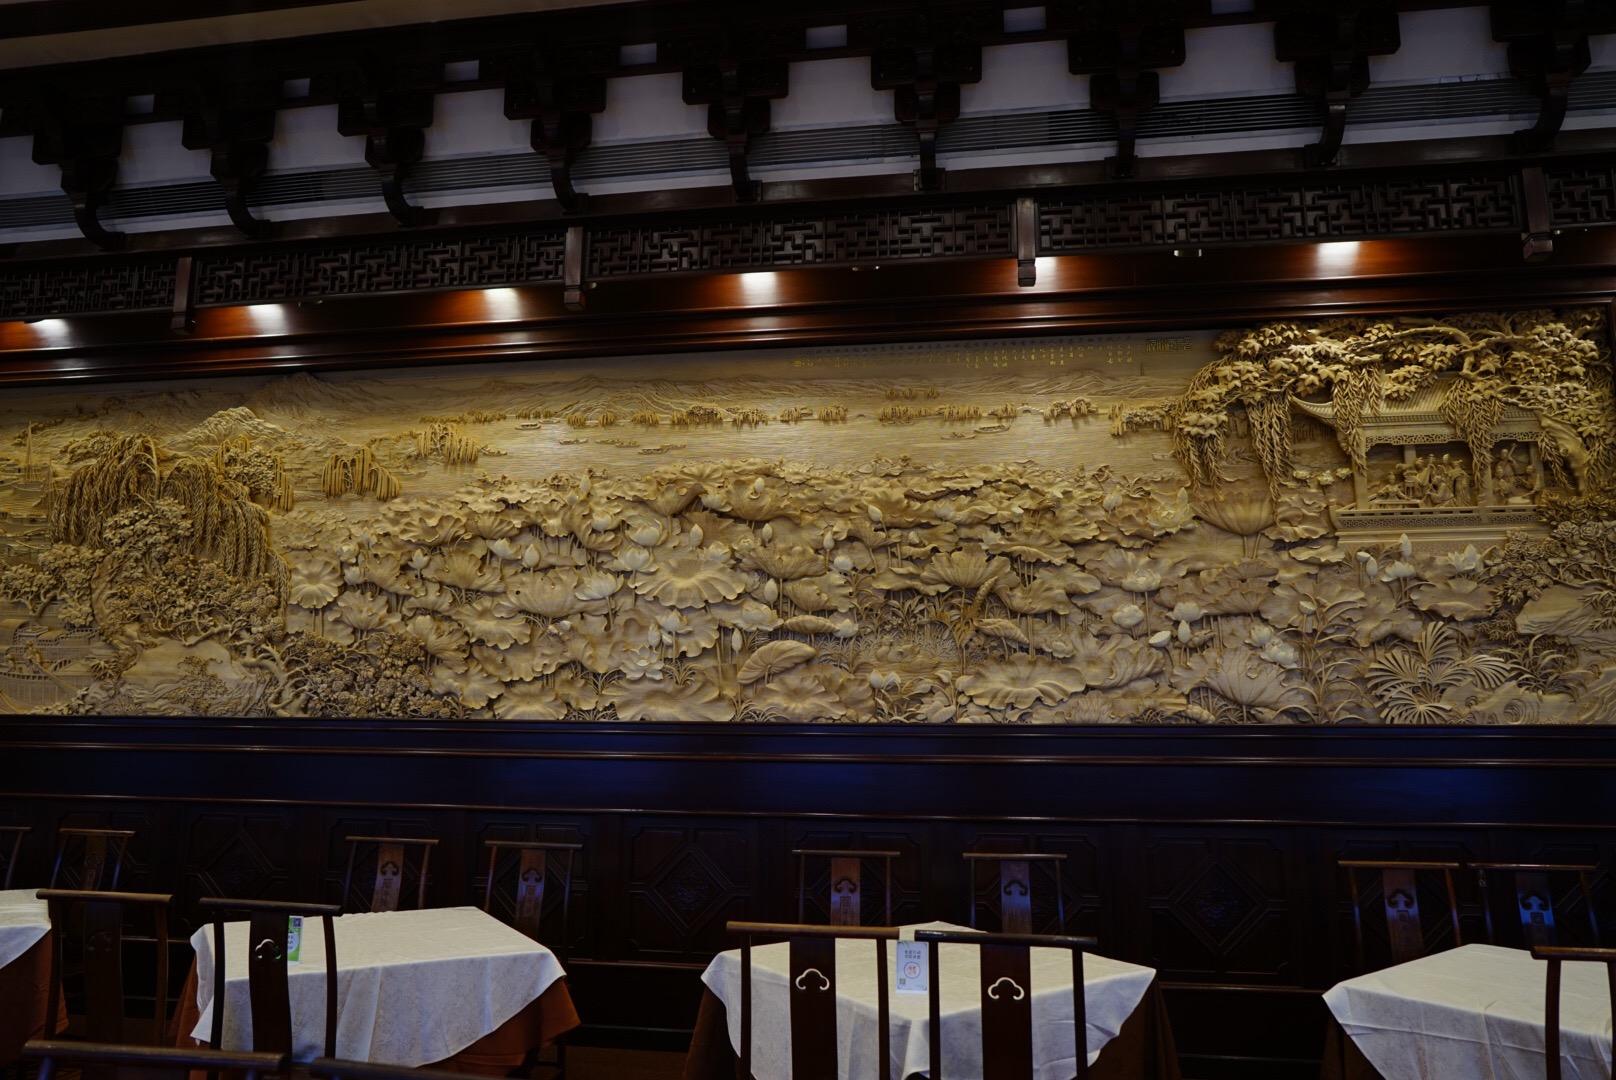 杭州の西湖近くのレストラン楼外楼の内装